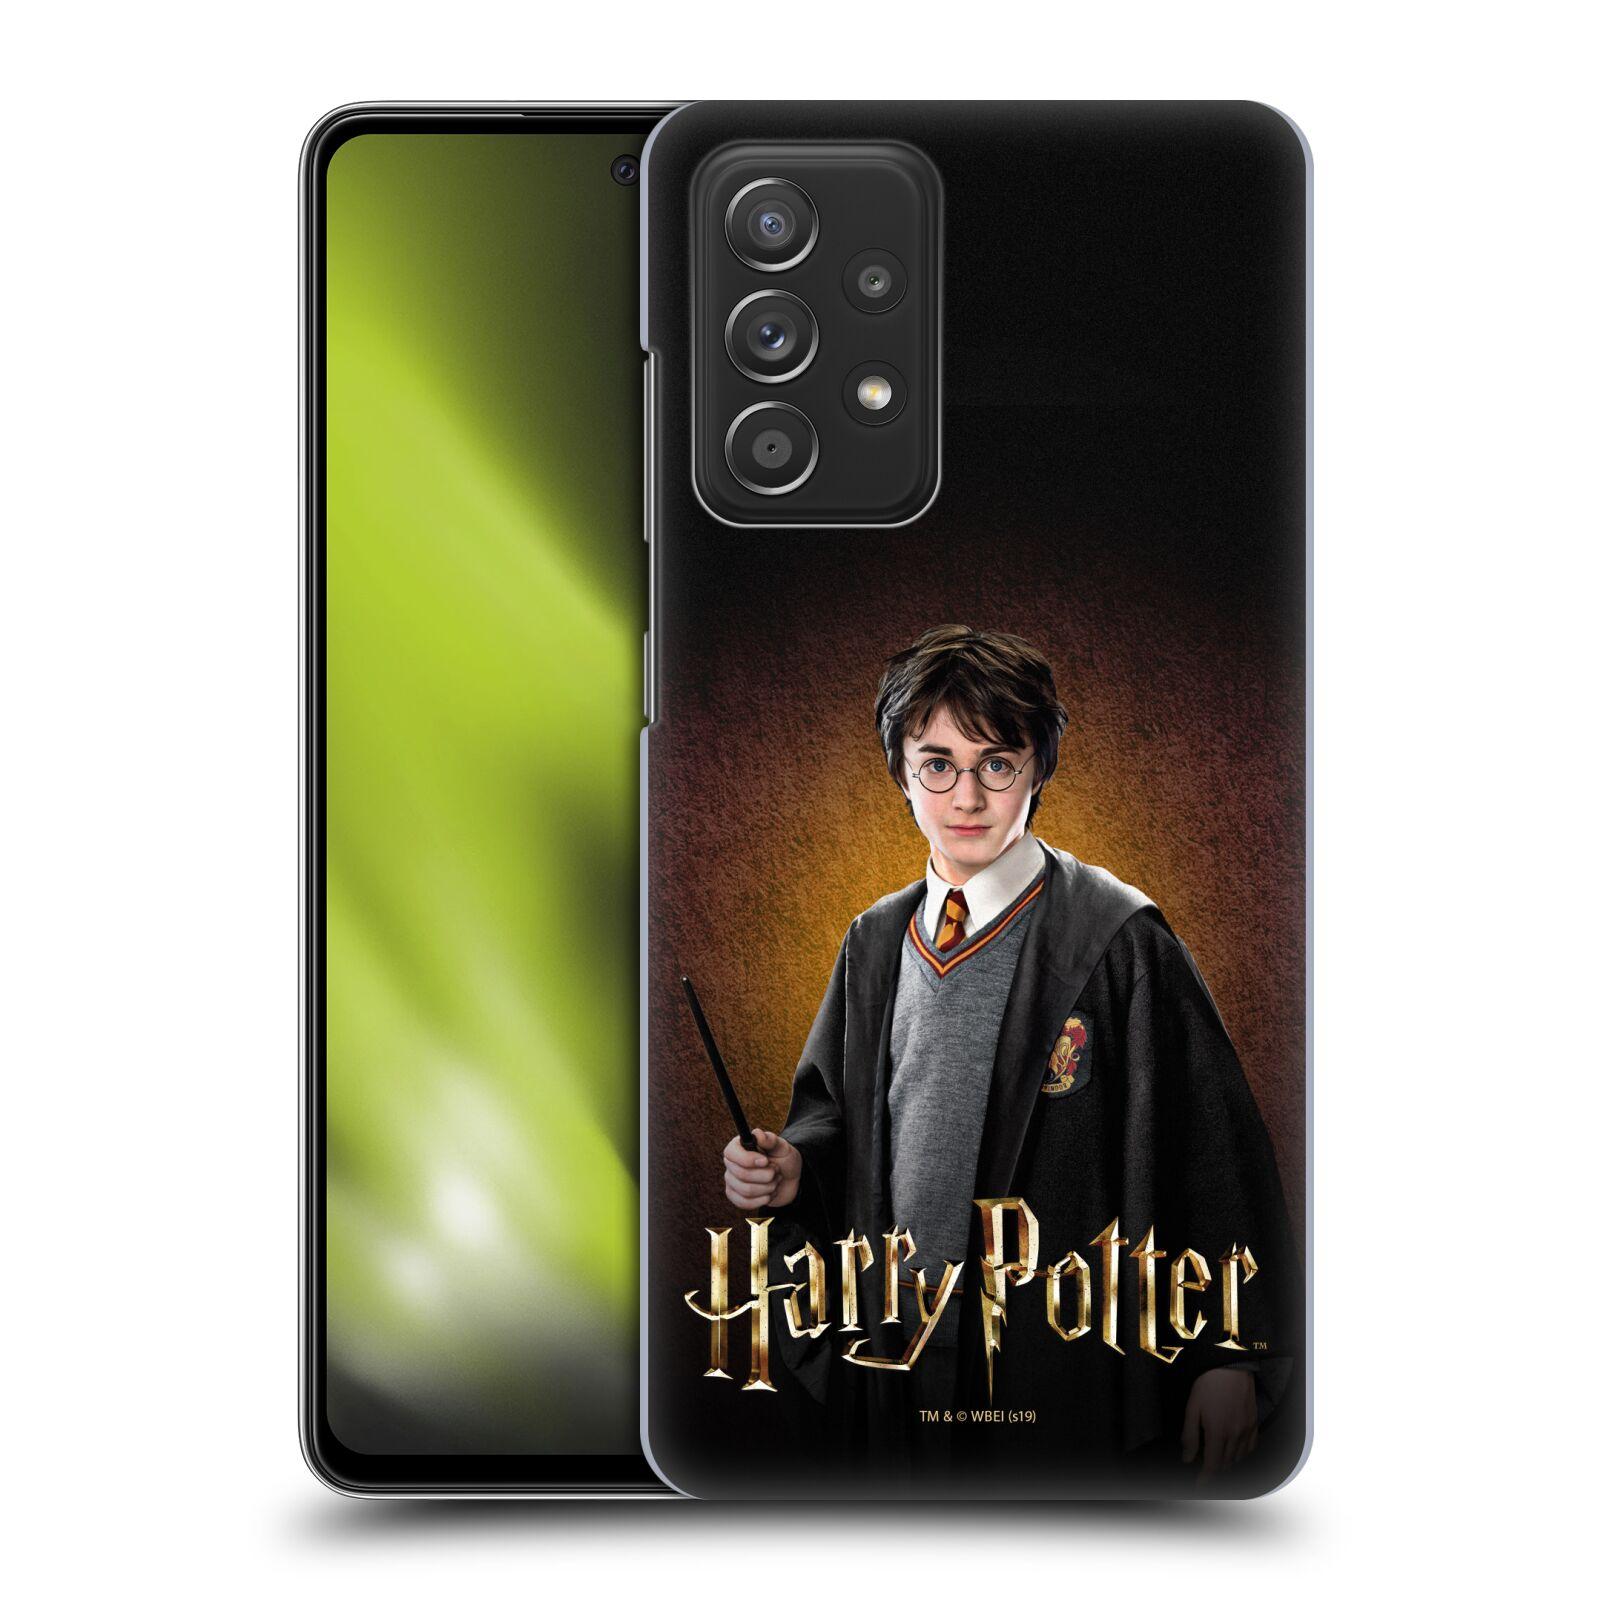 Plastové pouzdro na mobil Samsung Galaxy A52 / A52 5G / A52s 5G - Harry Potter - Malý Harry Potter